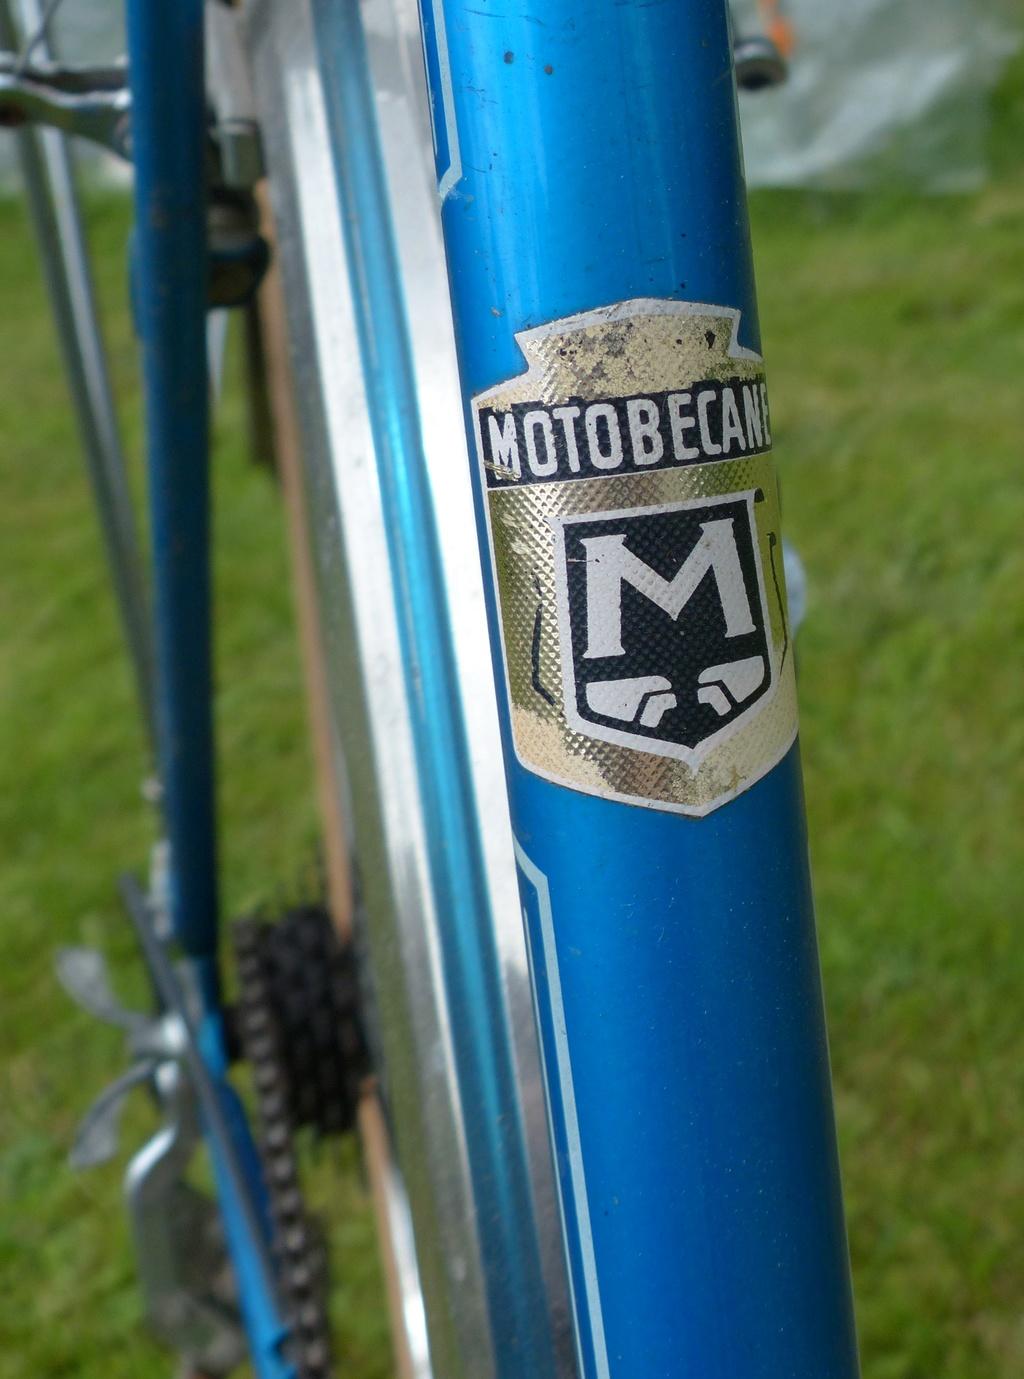 Motobecane Super Touring Motoco11